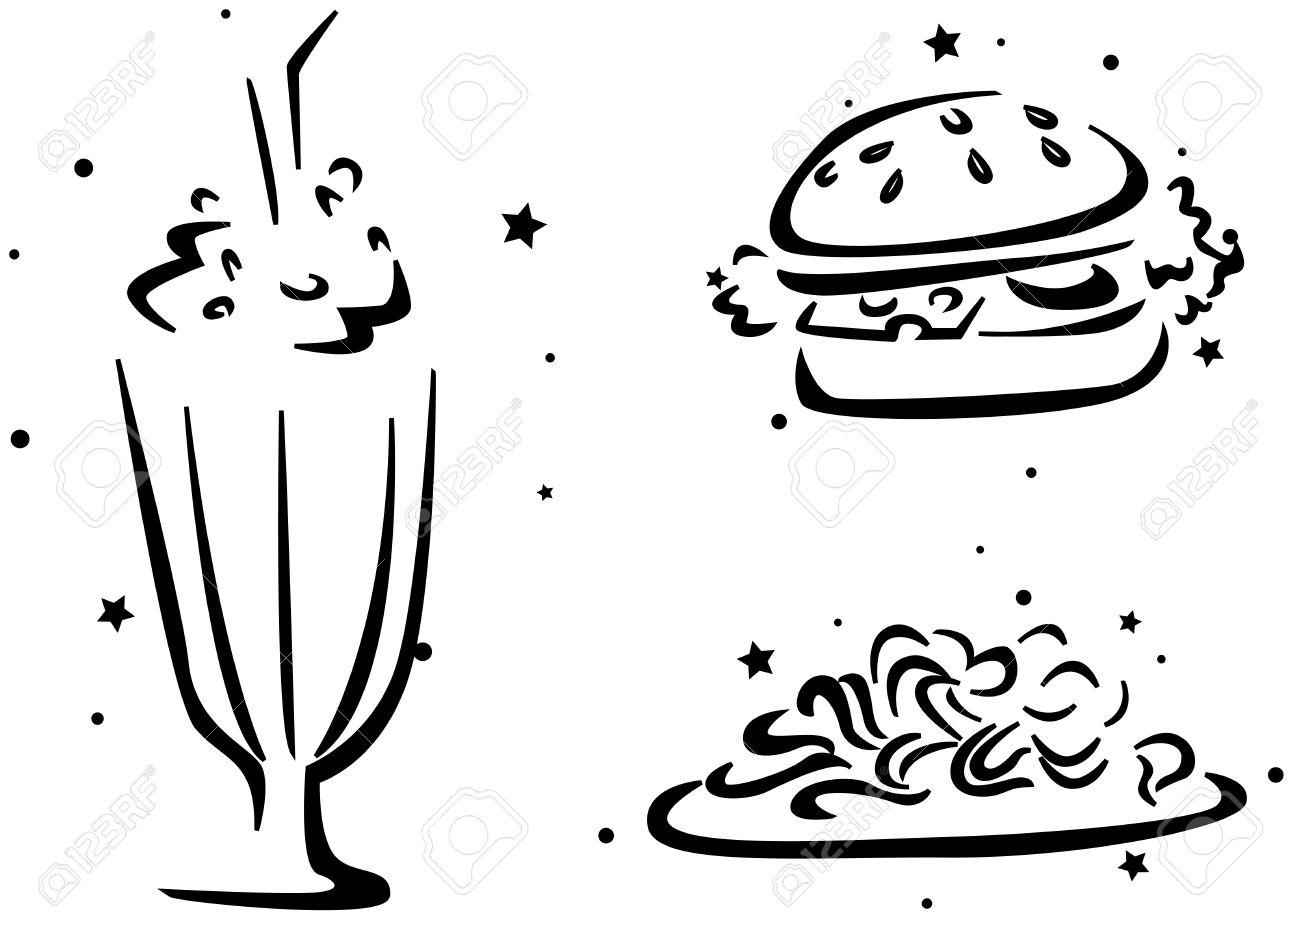 Galería De Símbolos De Alimentos Con Un Vaso De Batido Una Hamburguesa Y Algunos Pasta